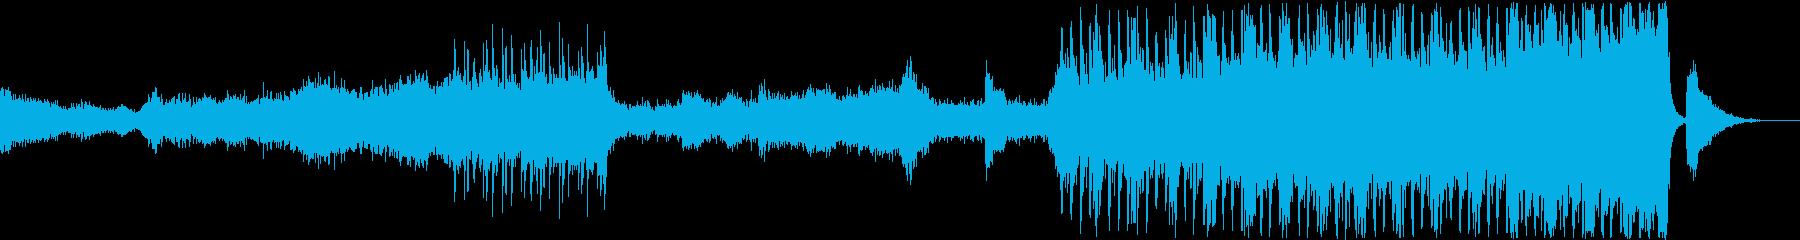 緊張感のあるエレクトリック&オーケストラの再生済みの波形